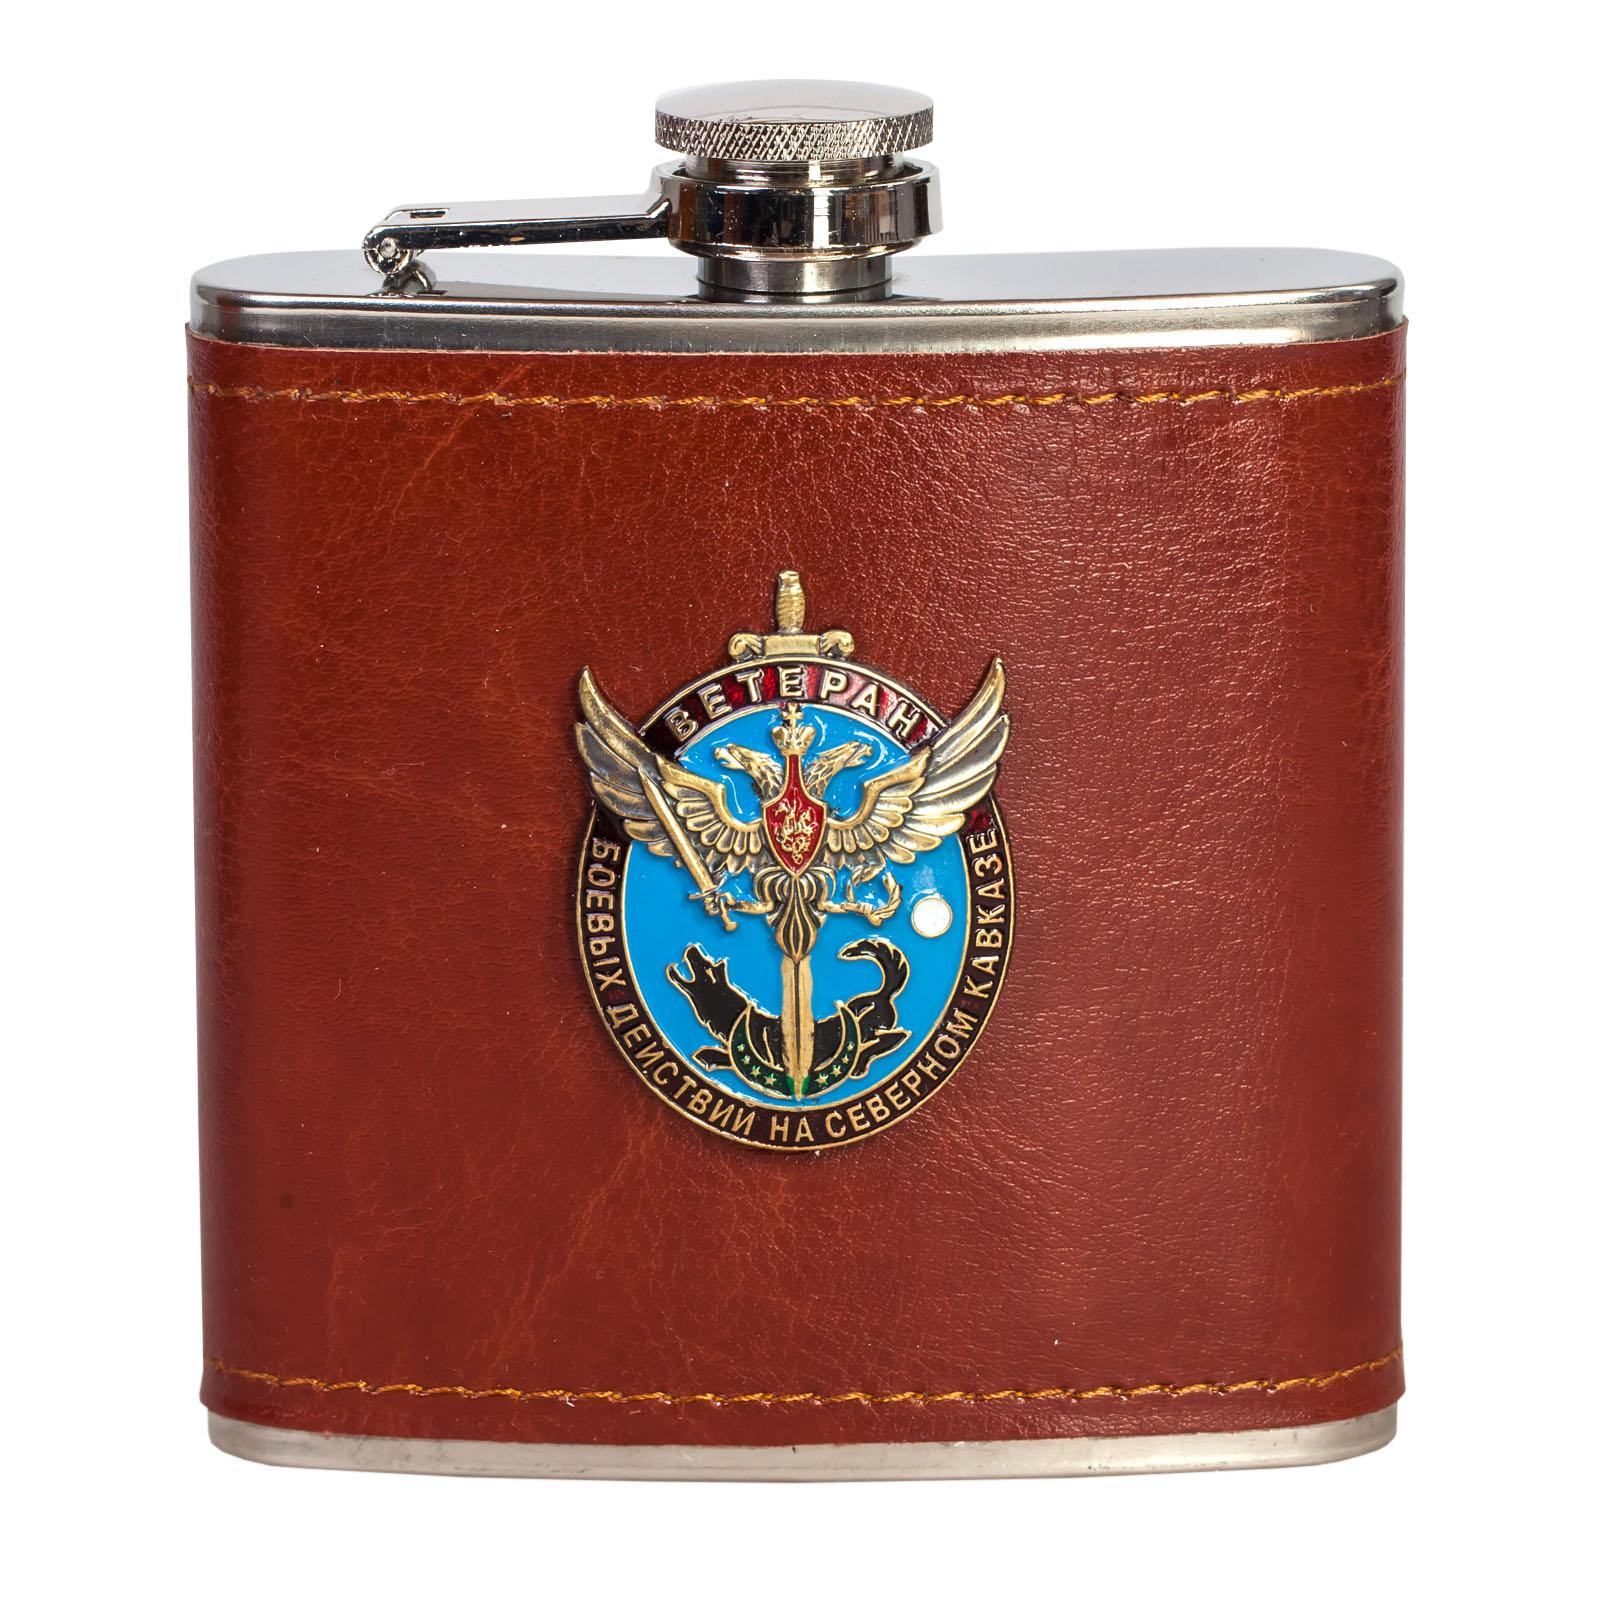 Фляжка-подарок для ветерана боевых действий на Северном Кавказе.